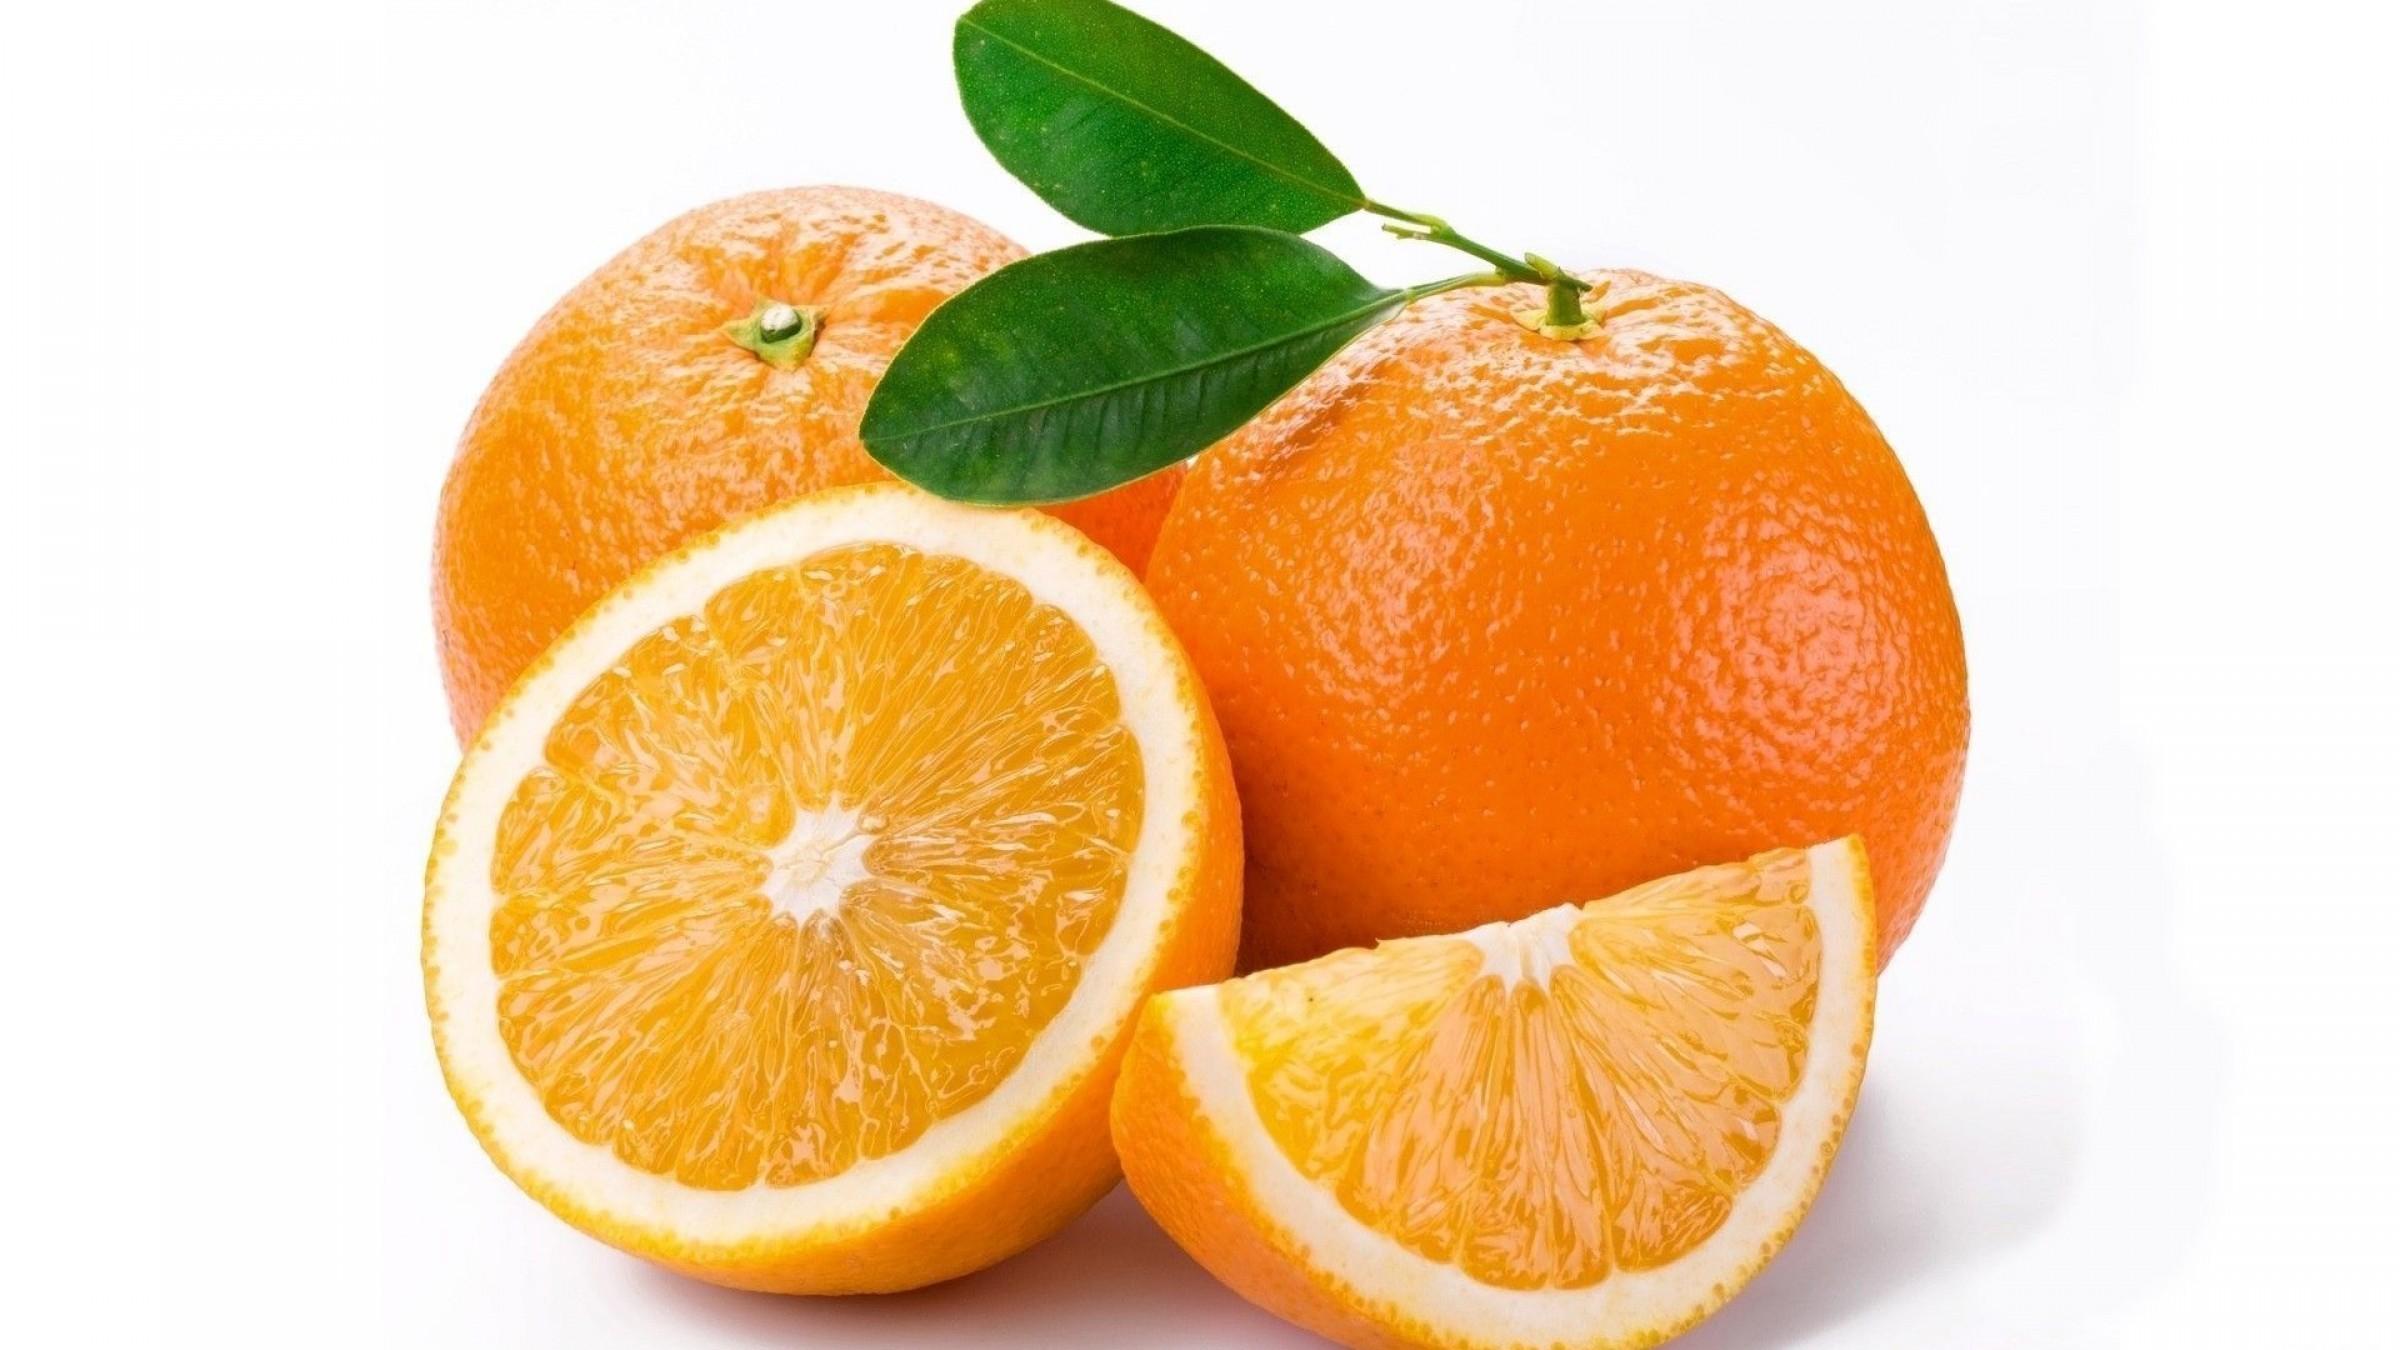 Le arance oro della Sicilia e del sud